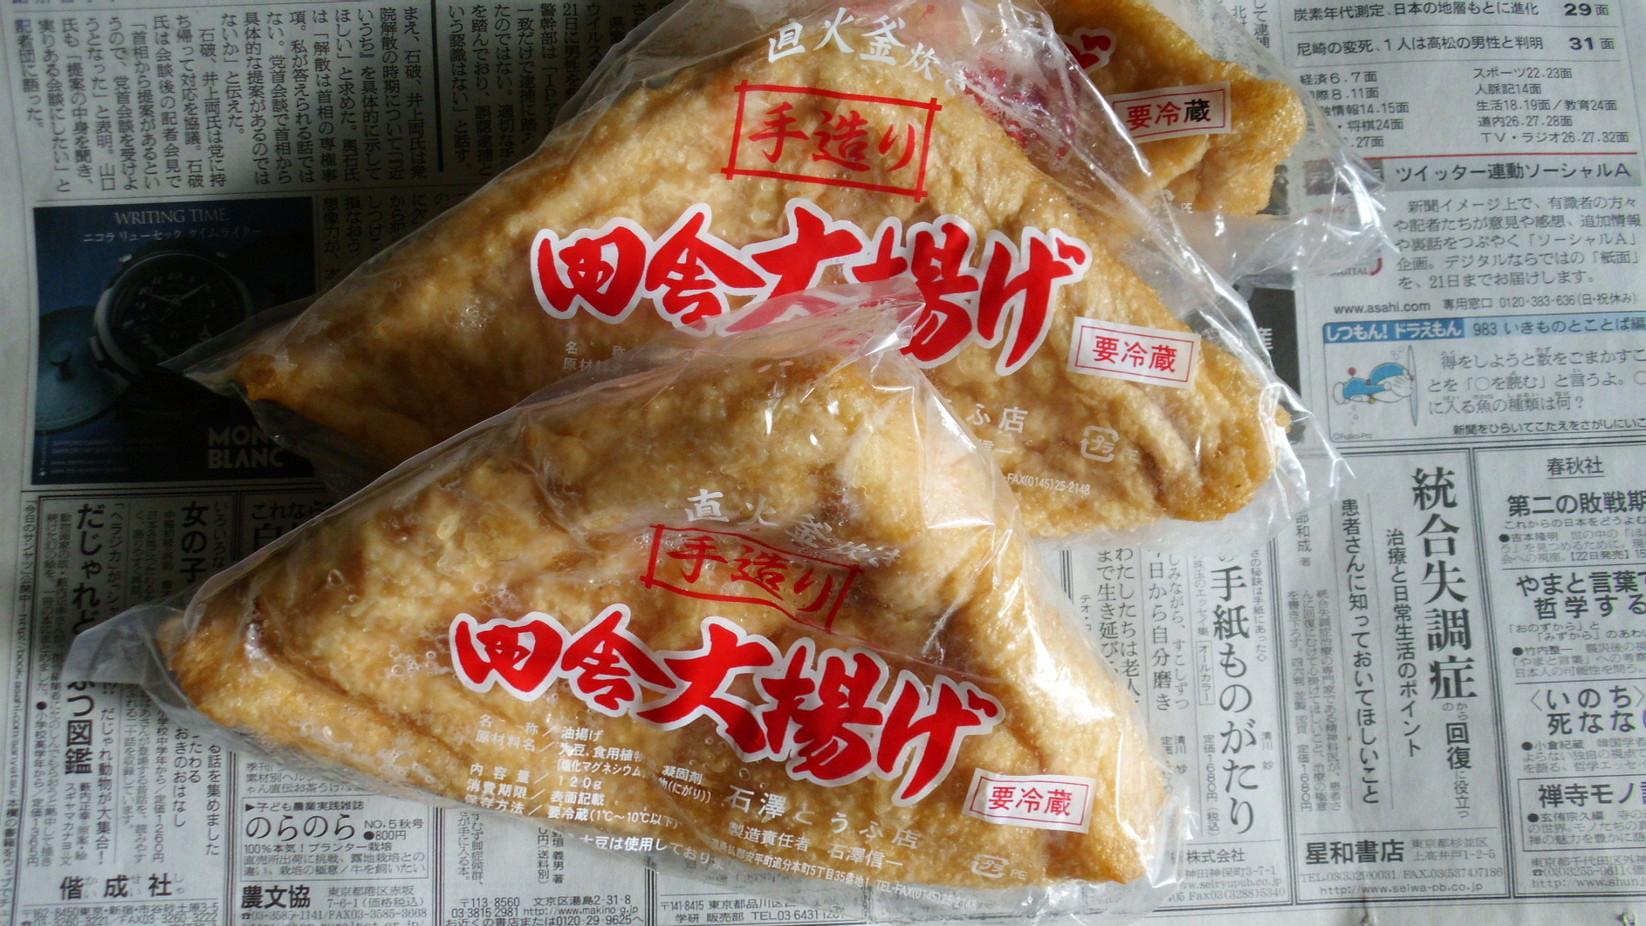 石澤とうふ店